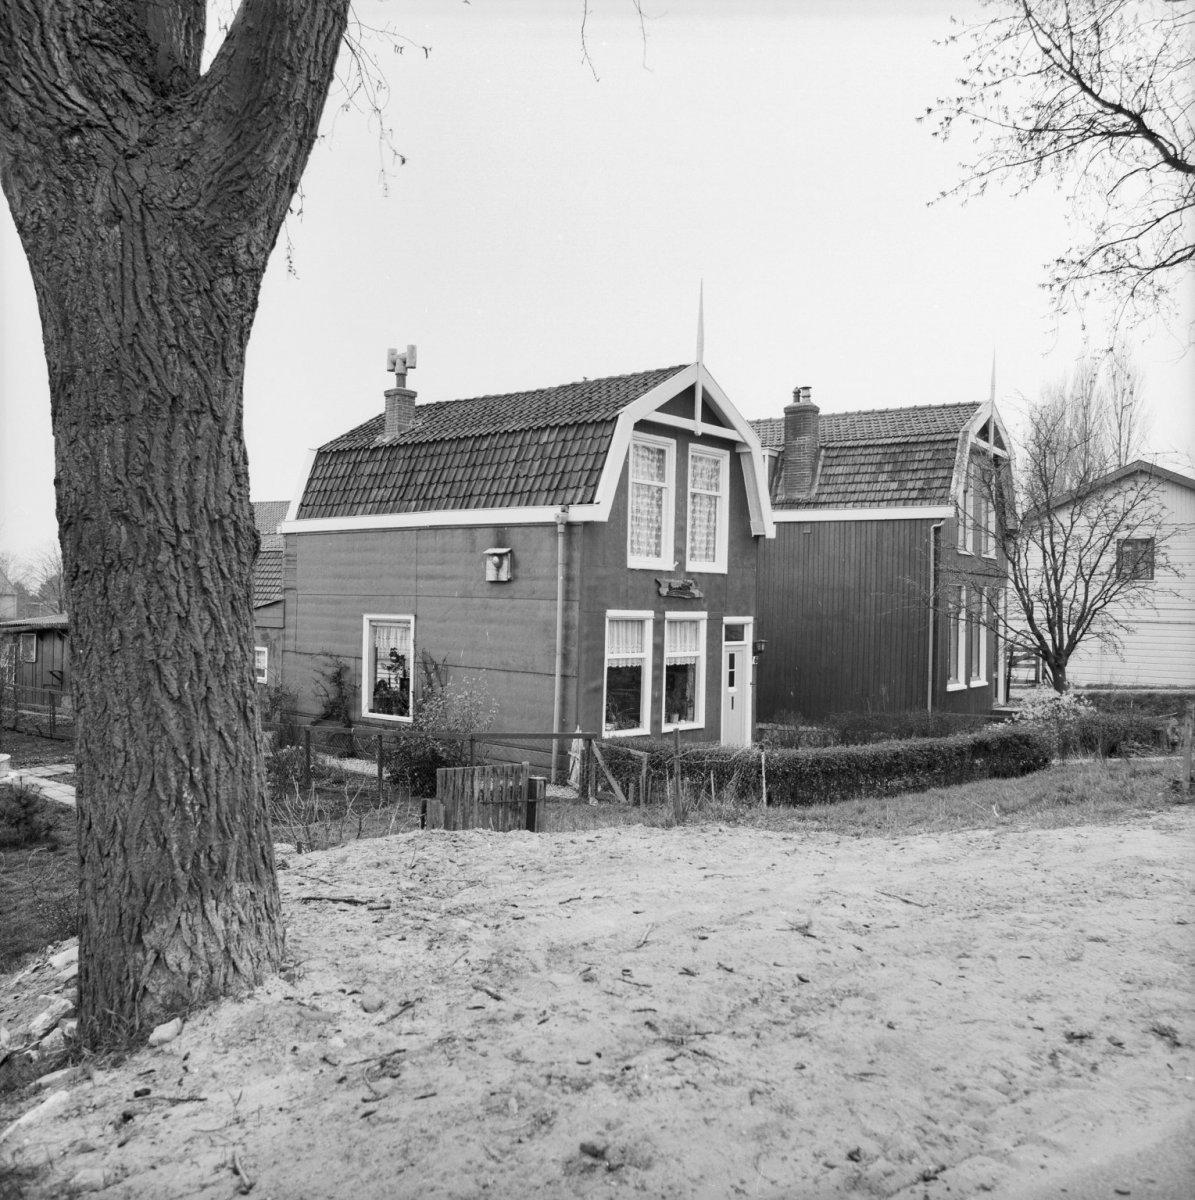 Houten huis met zolderverdieping onder mansarde kap met dwarsbalk tussen de boeiborden en - Tussen huis ...